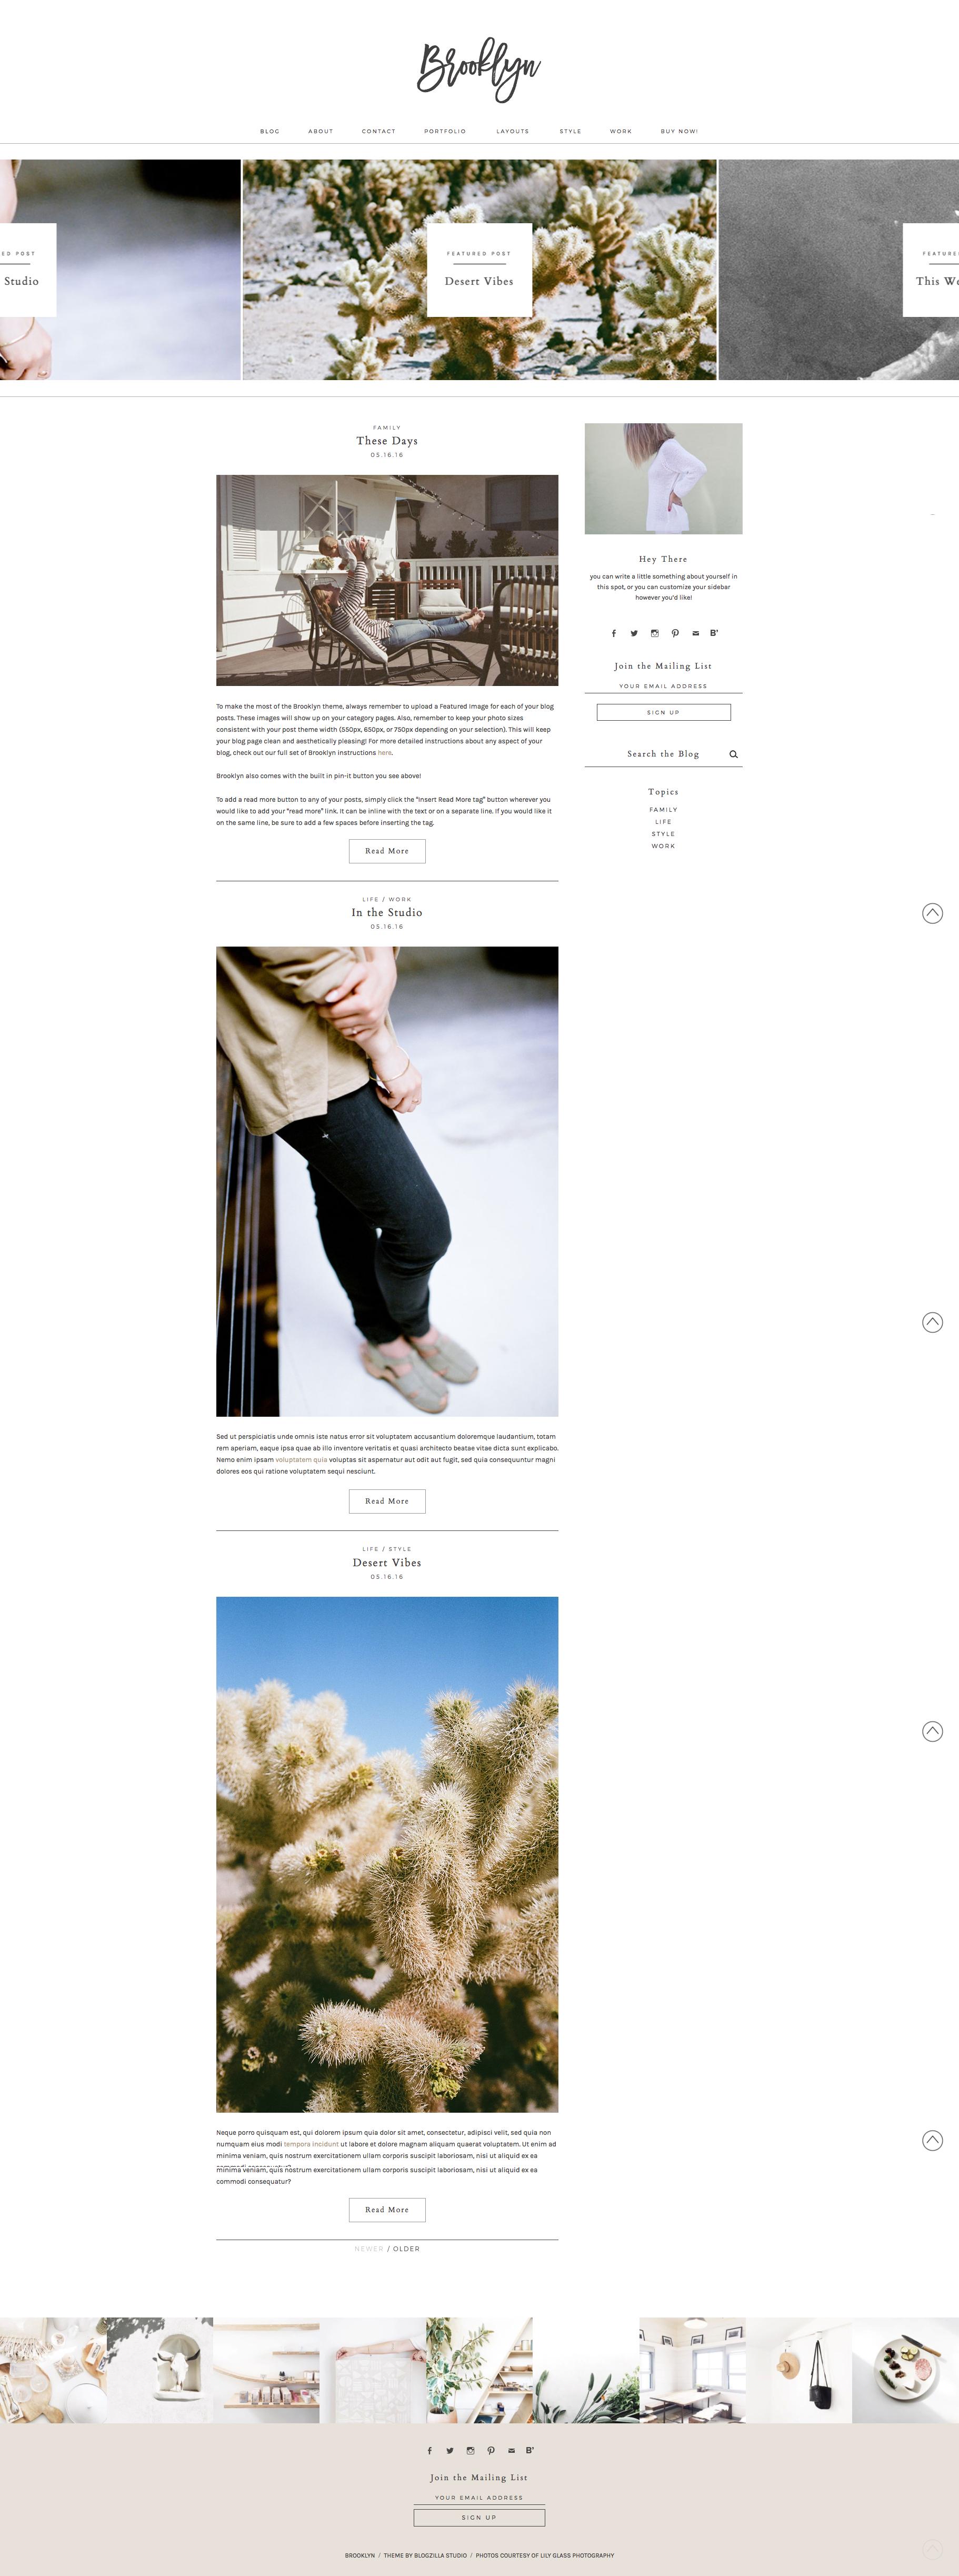 Brooklyn Webpage